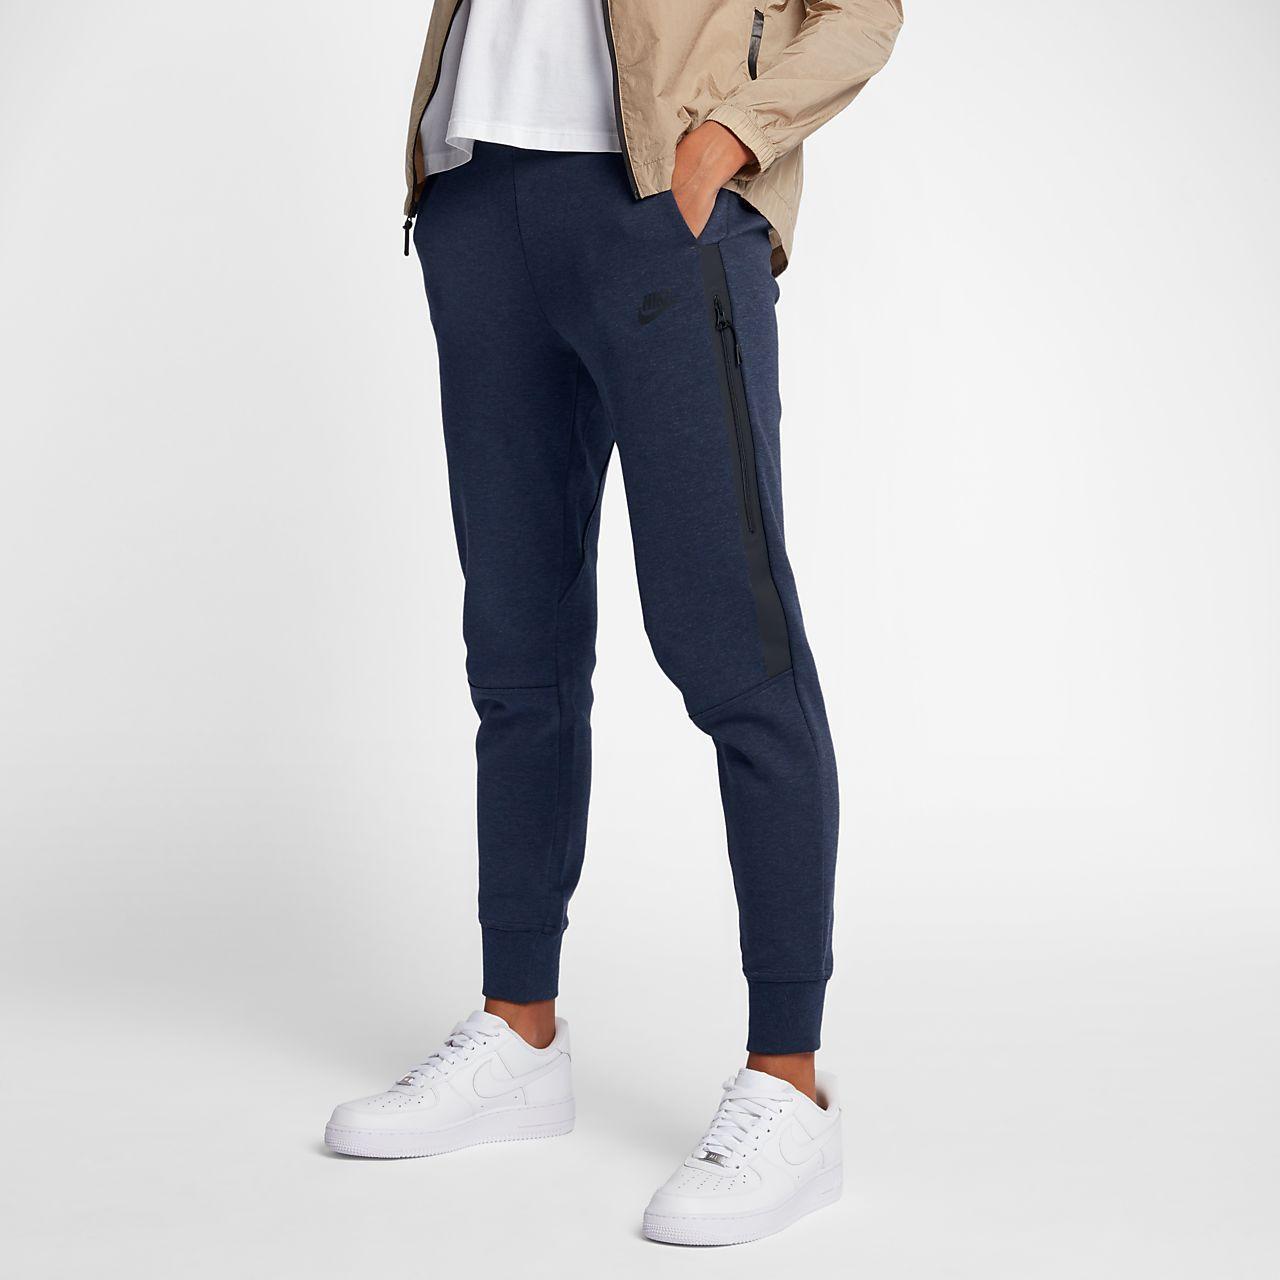 Nike sportswear tech fleece womens pants